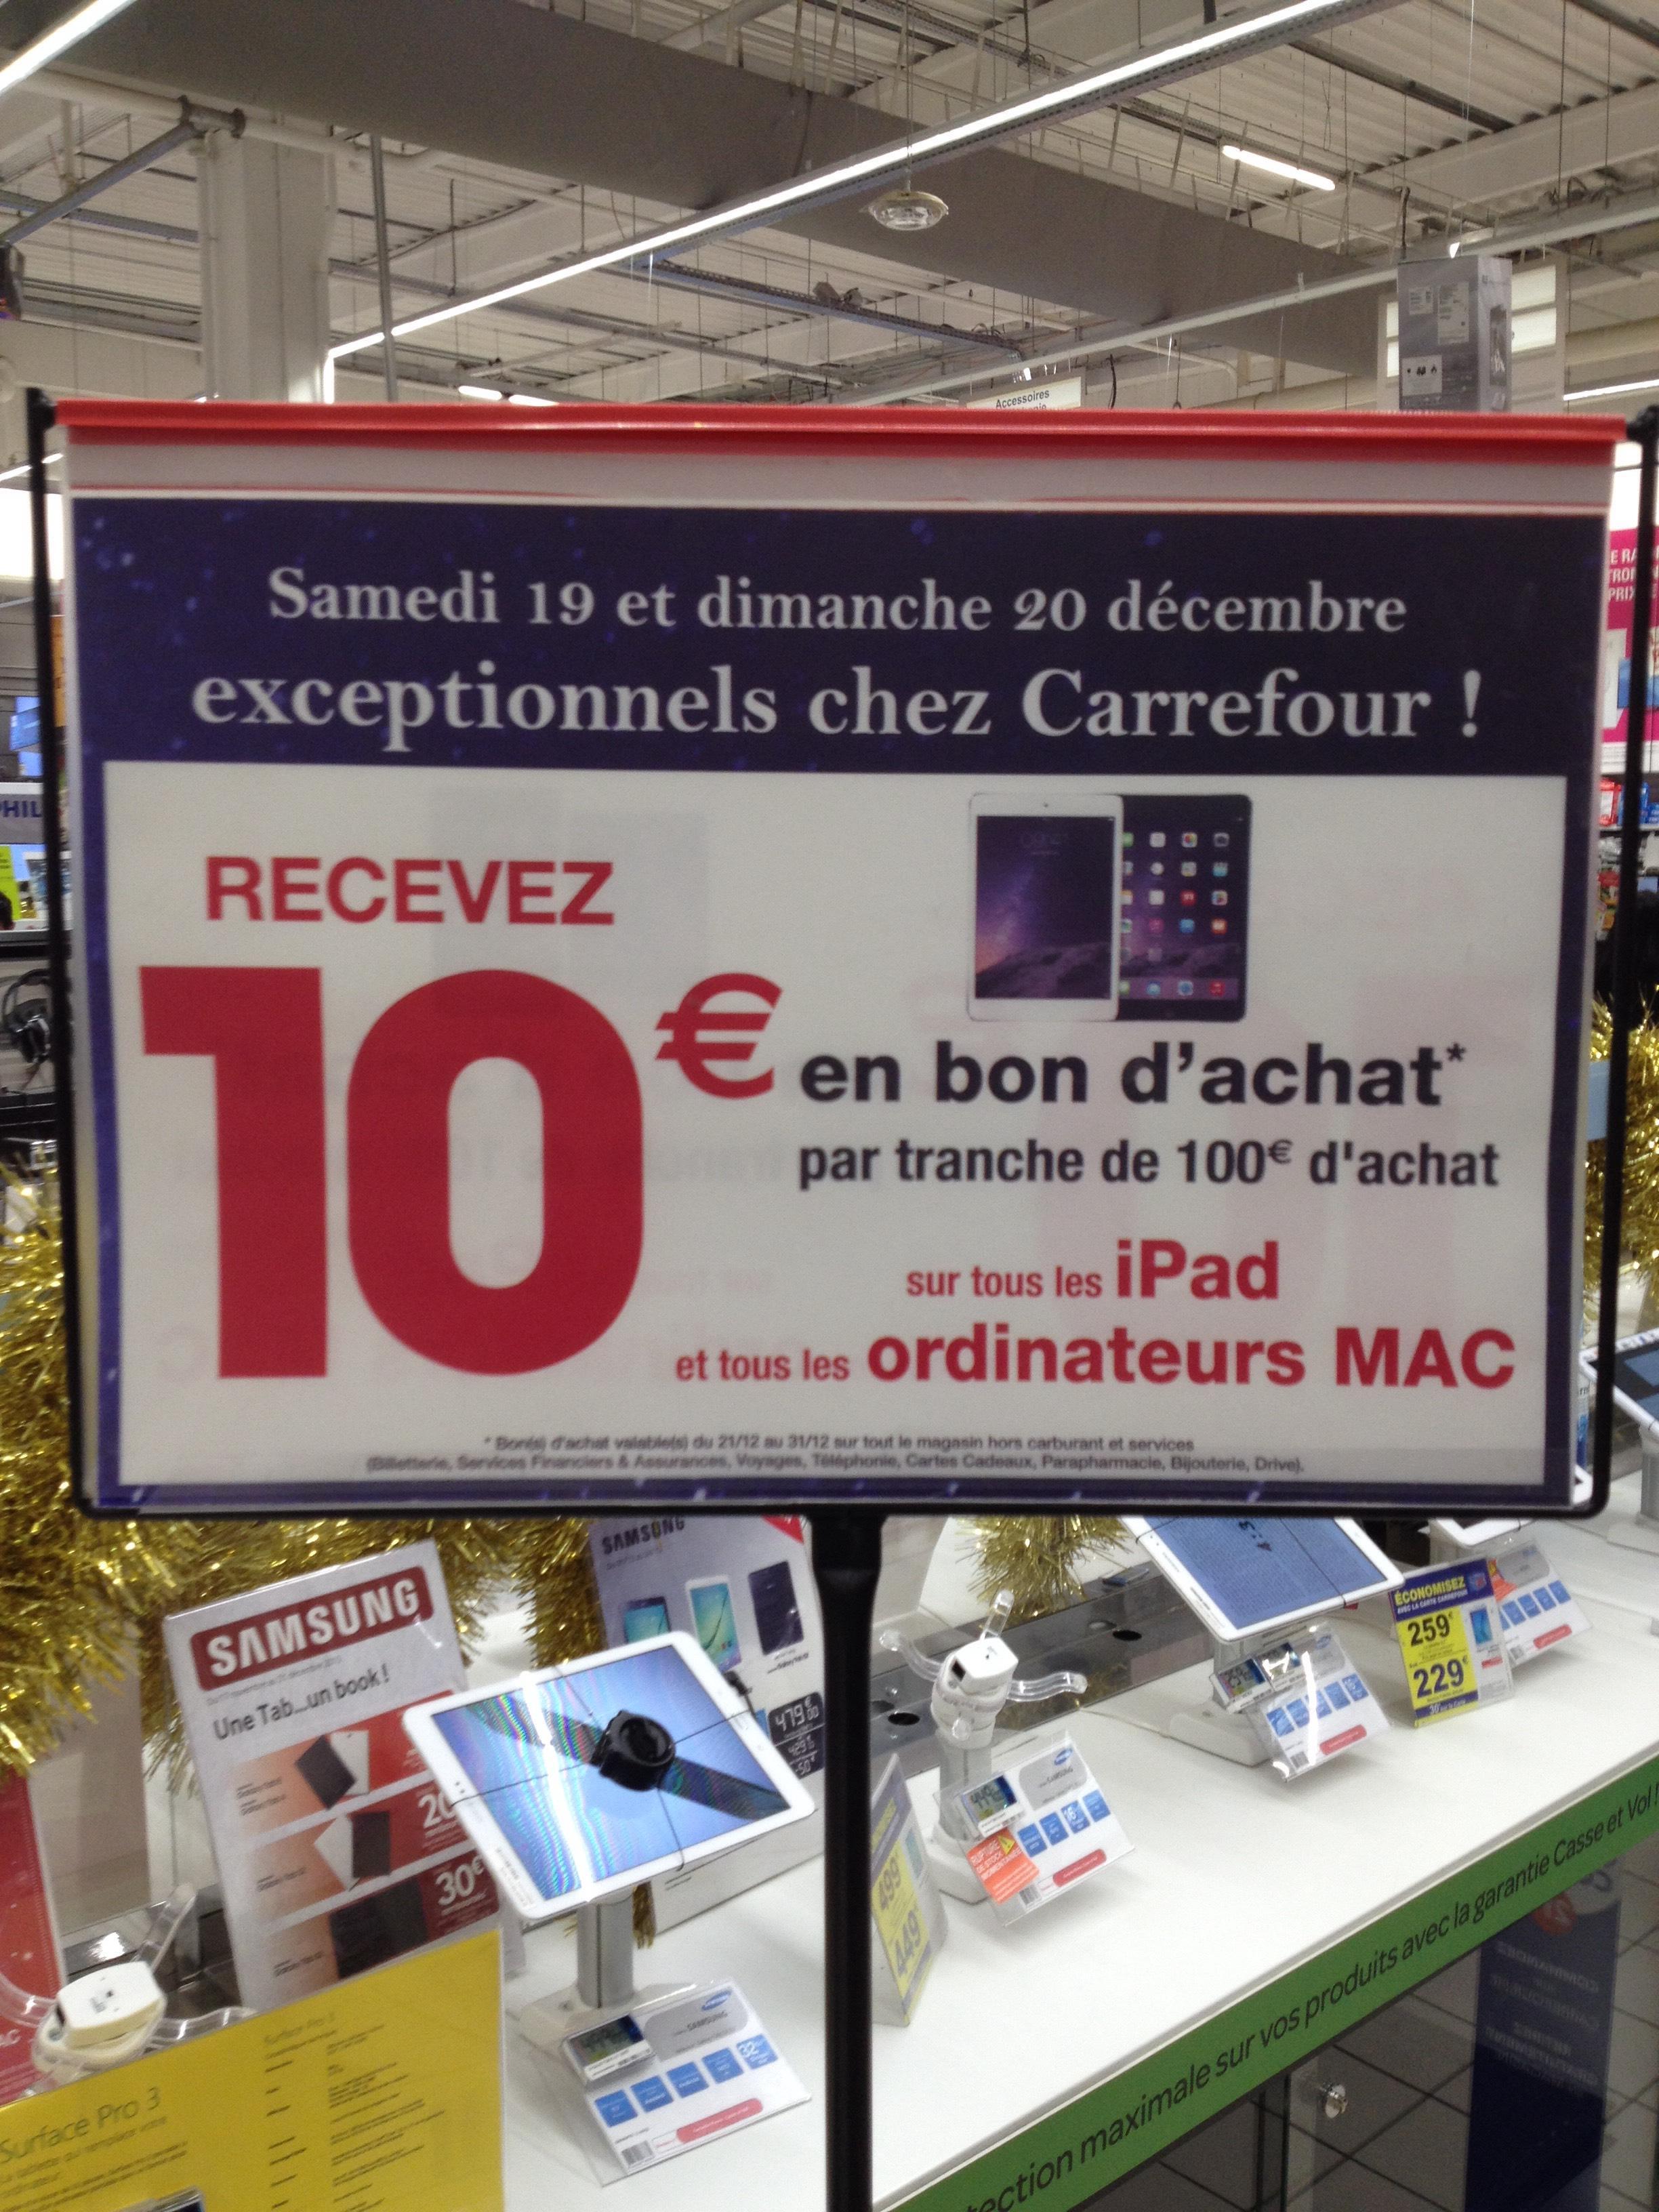 10€ offerts en bon d'achat par tranche de 100€ sur les iPad et Mac